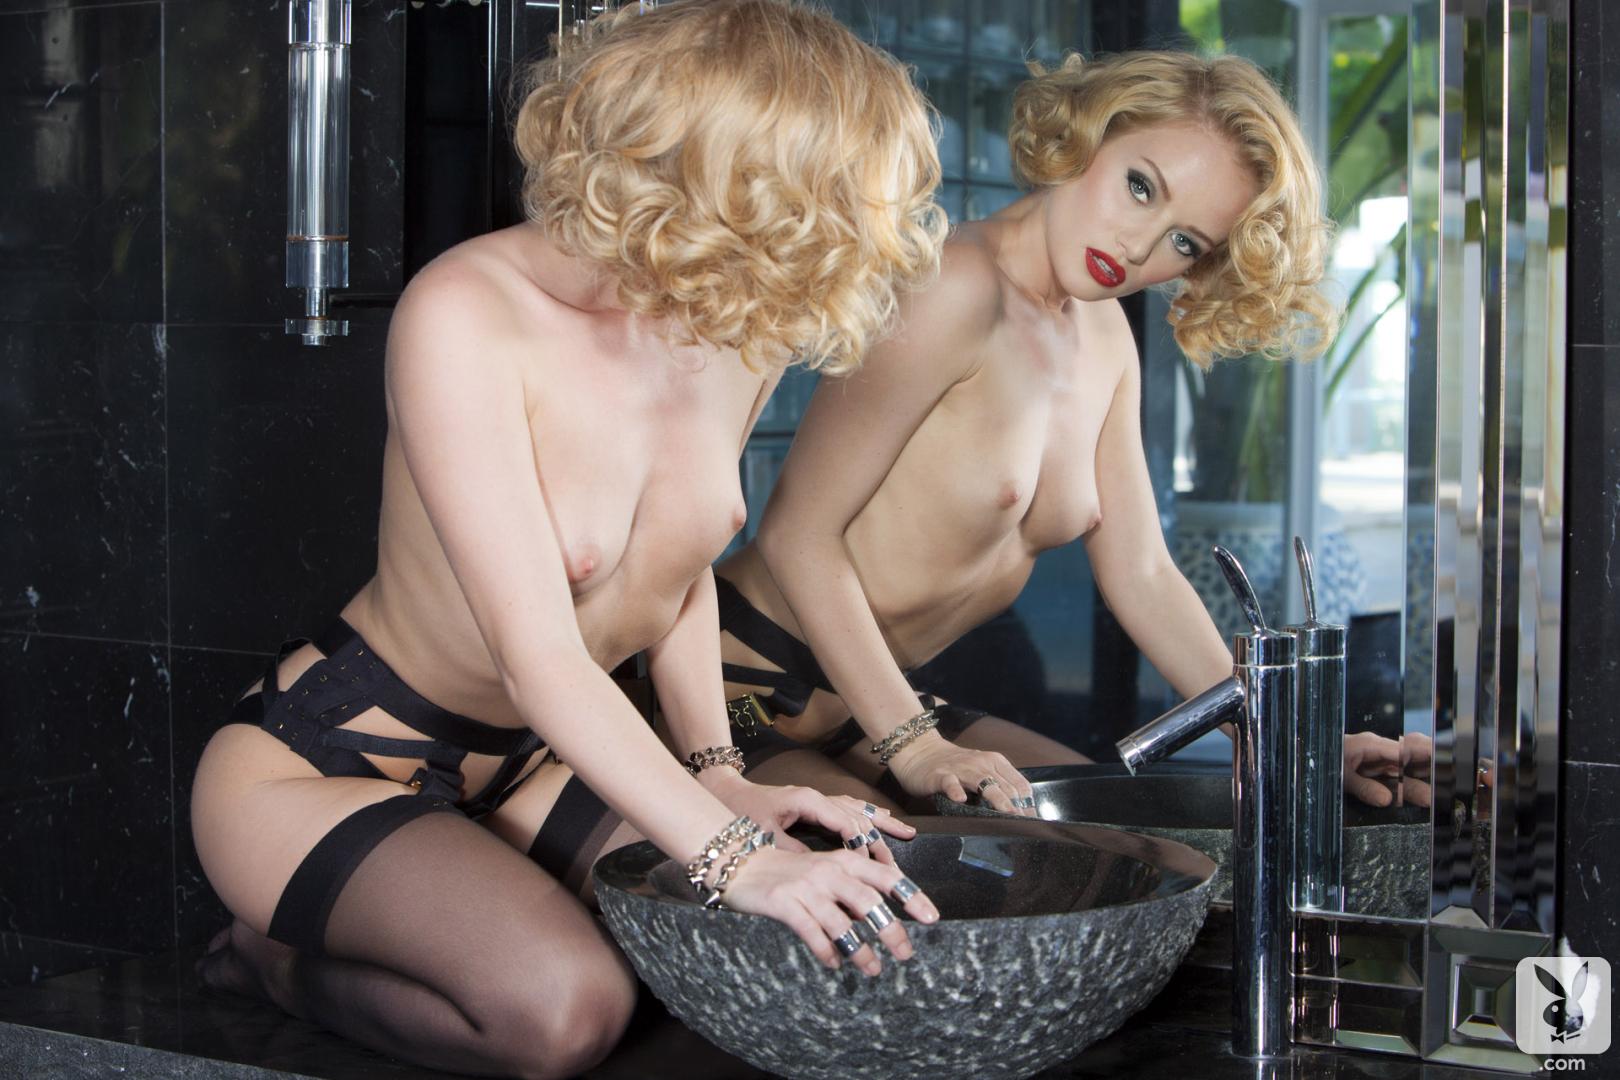 Playboy birgit schrowange nackt im Deshalb hat